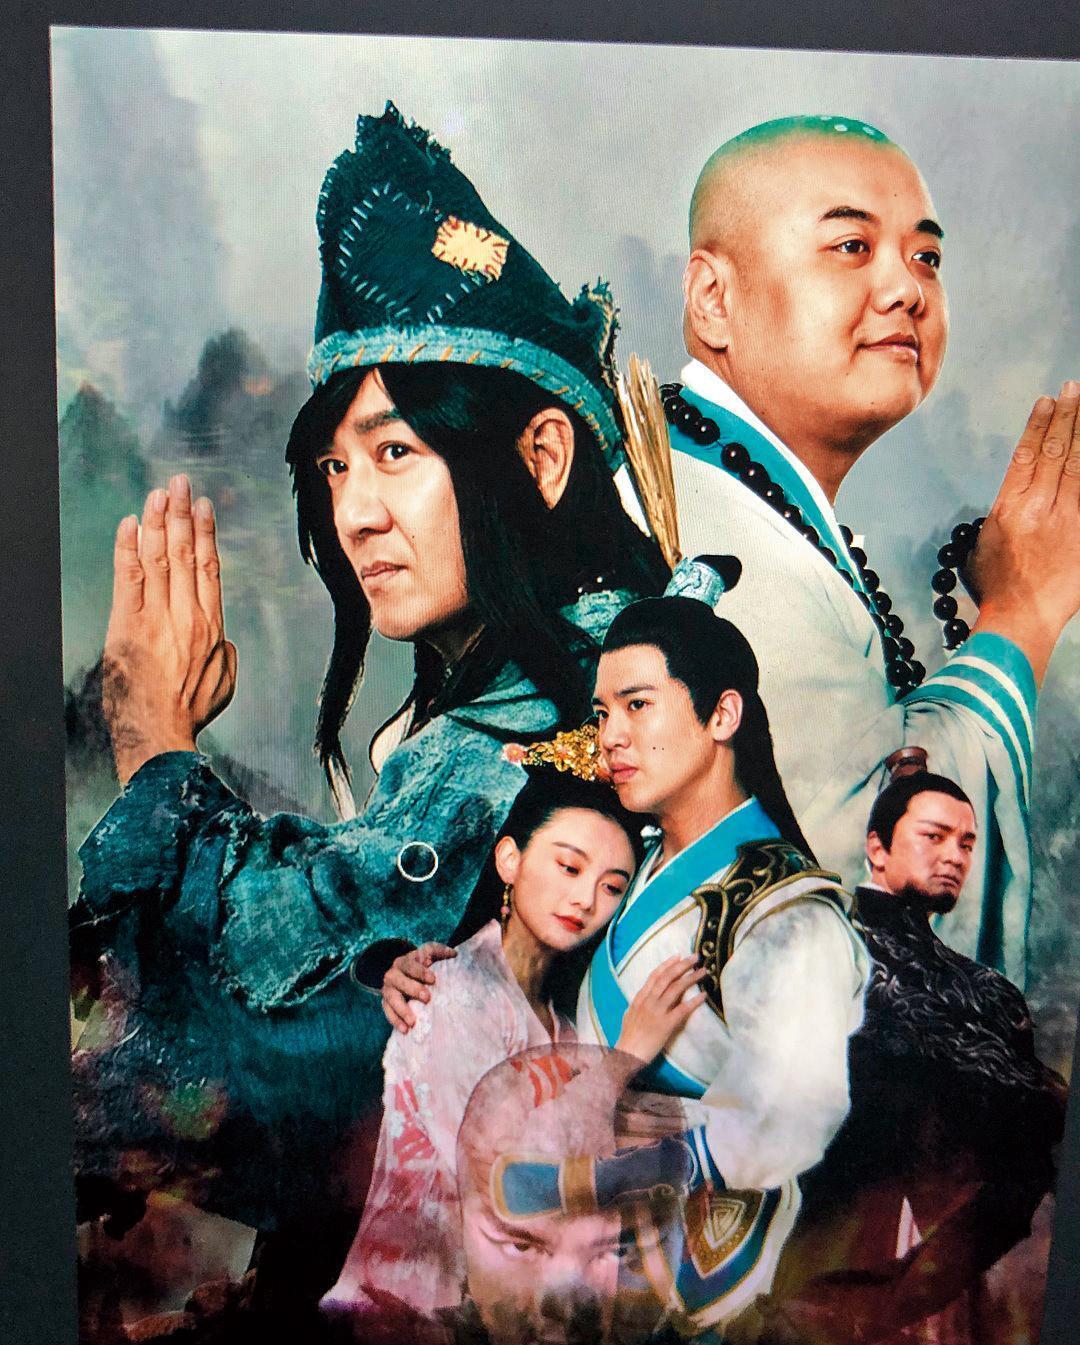 謝毅宏(下排中)連續拍了《濟公2之神龍再現》《濟公3之降龍有悔》電影 ,和林子聰(後排右)二度合作。(翻攝自謝毅宏臉書)